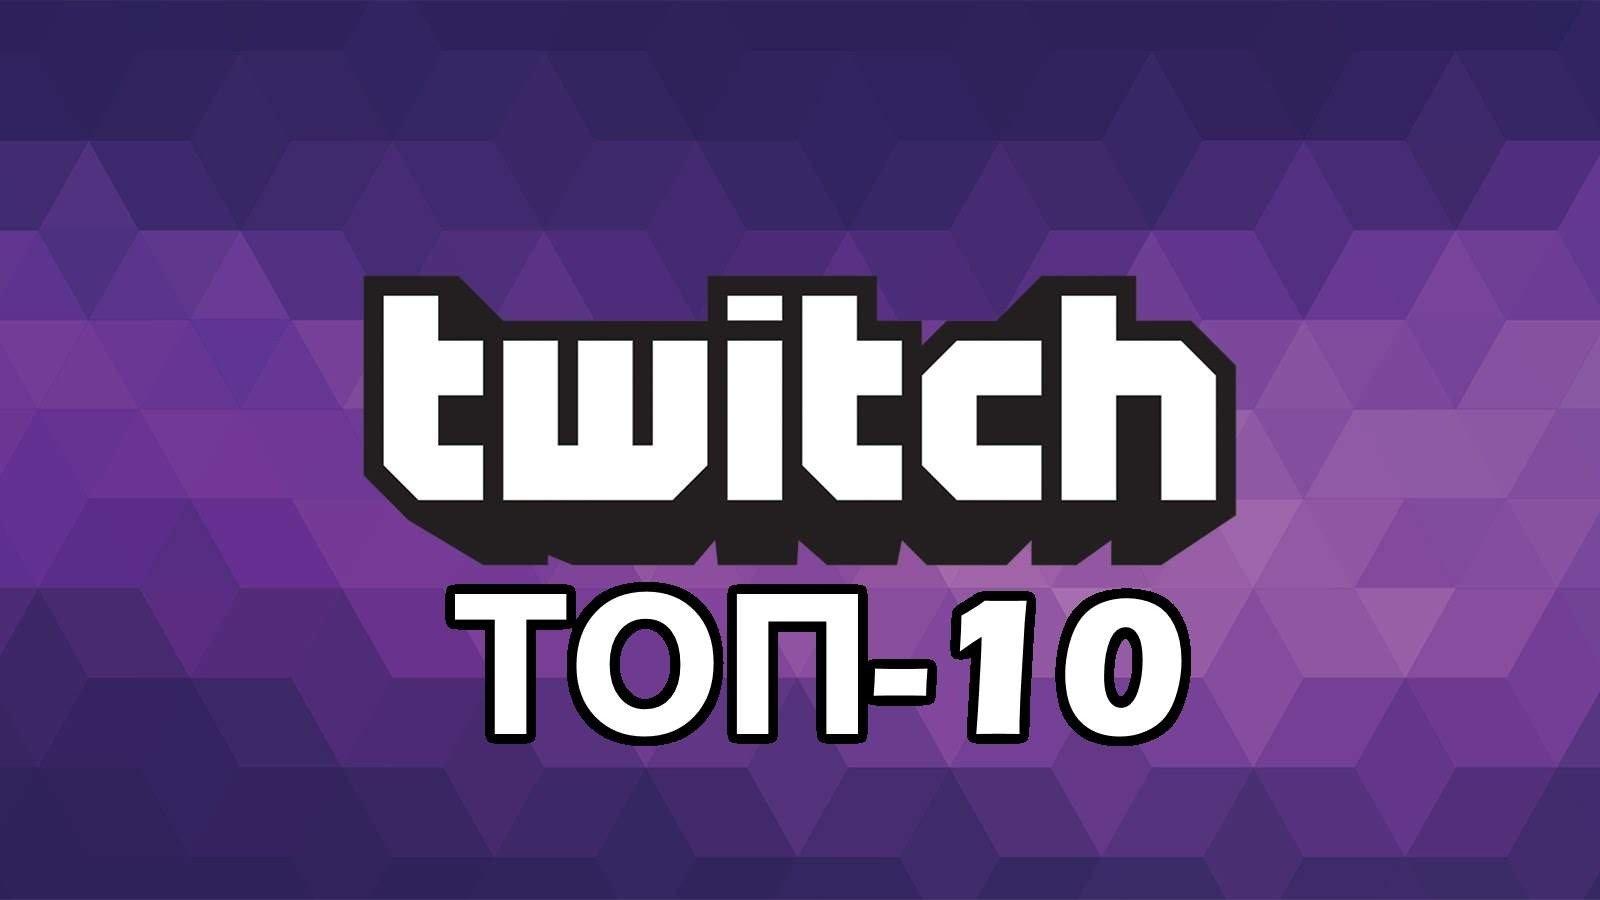 Топ 10 самых просматриваемых каналов на Twitch киберспорт на коне RuHub в десятке